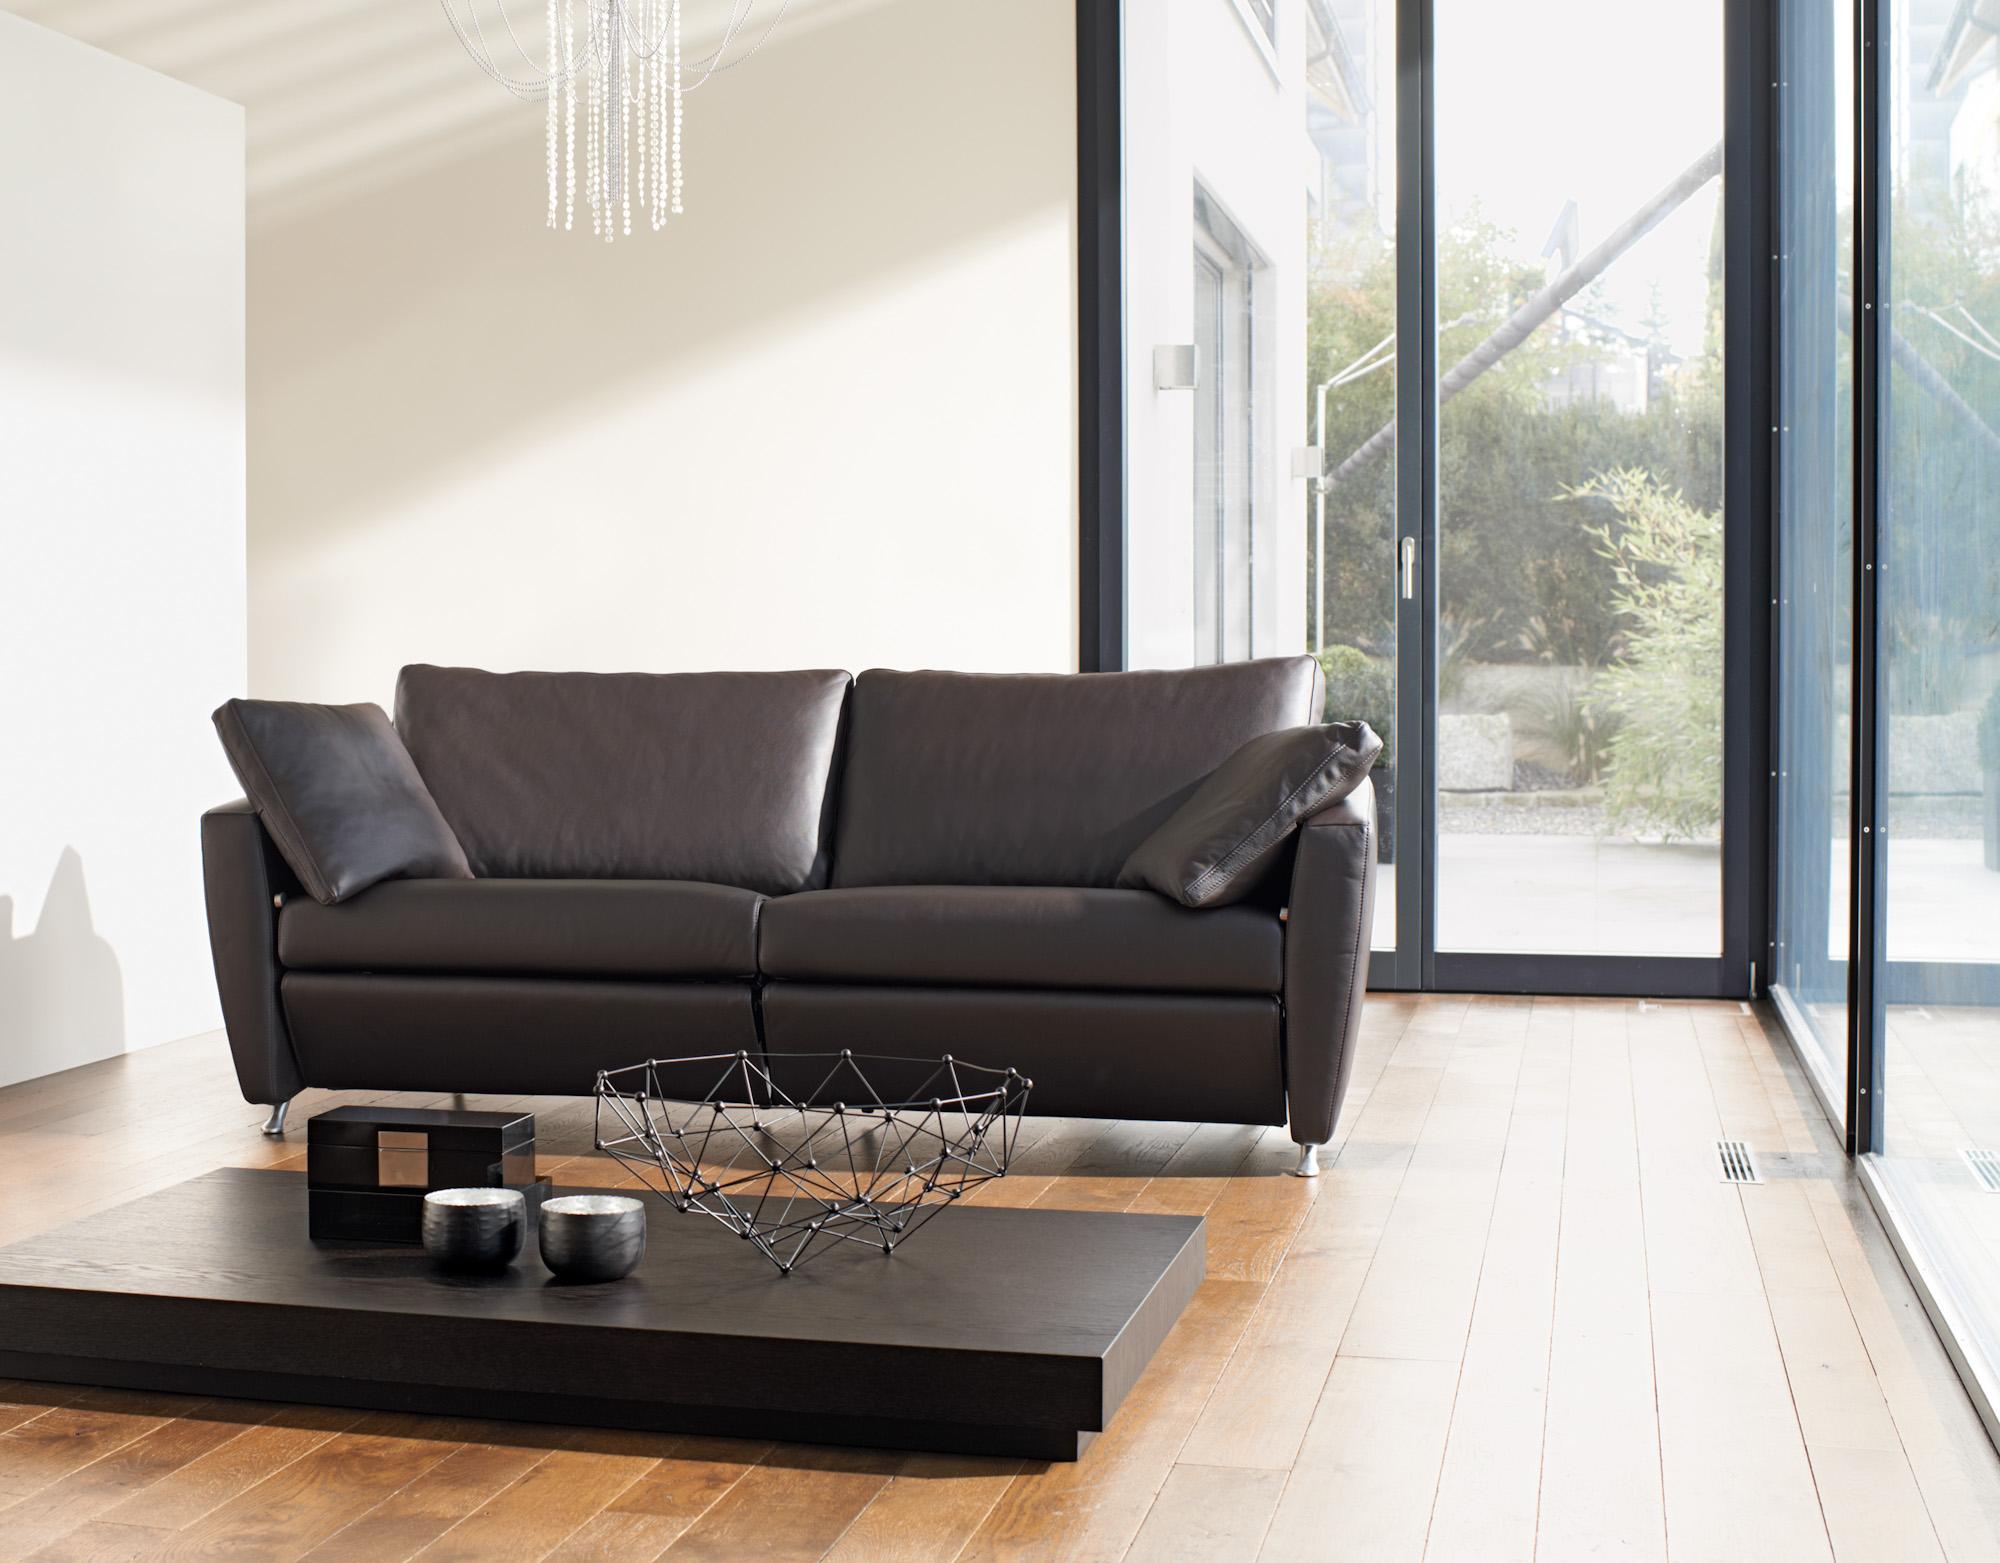 Full Size of Couch Ausklappbar Polstermbel Mbel Morschett Bett Ausklappbares Wohnzimmer Couch Ausklappbar